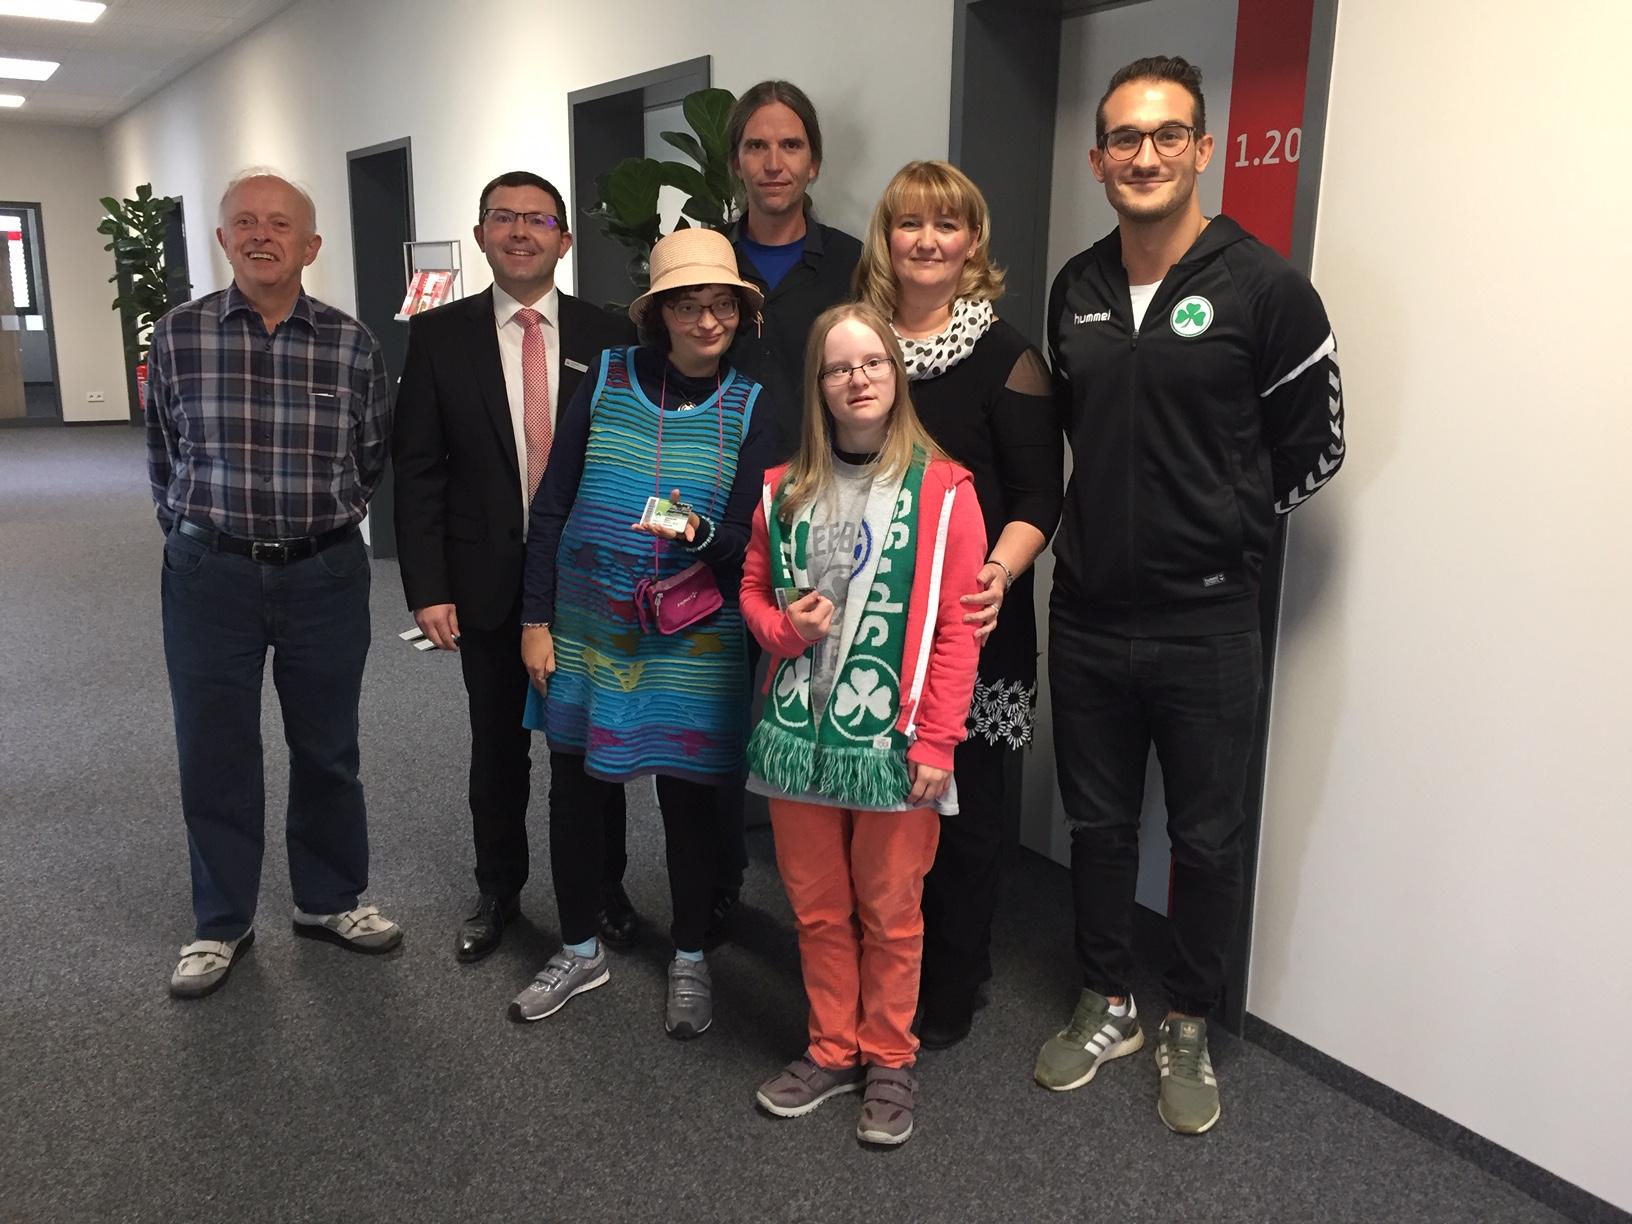 Arnold Ruis spendete seinen Hauptpreis, den er zum Jubiläum der Geschäftsstelle Stadion der Sparkasse Fürth gewonnen hat, den Dambacher Werkstätten.